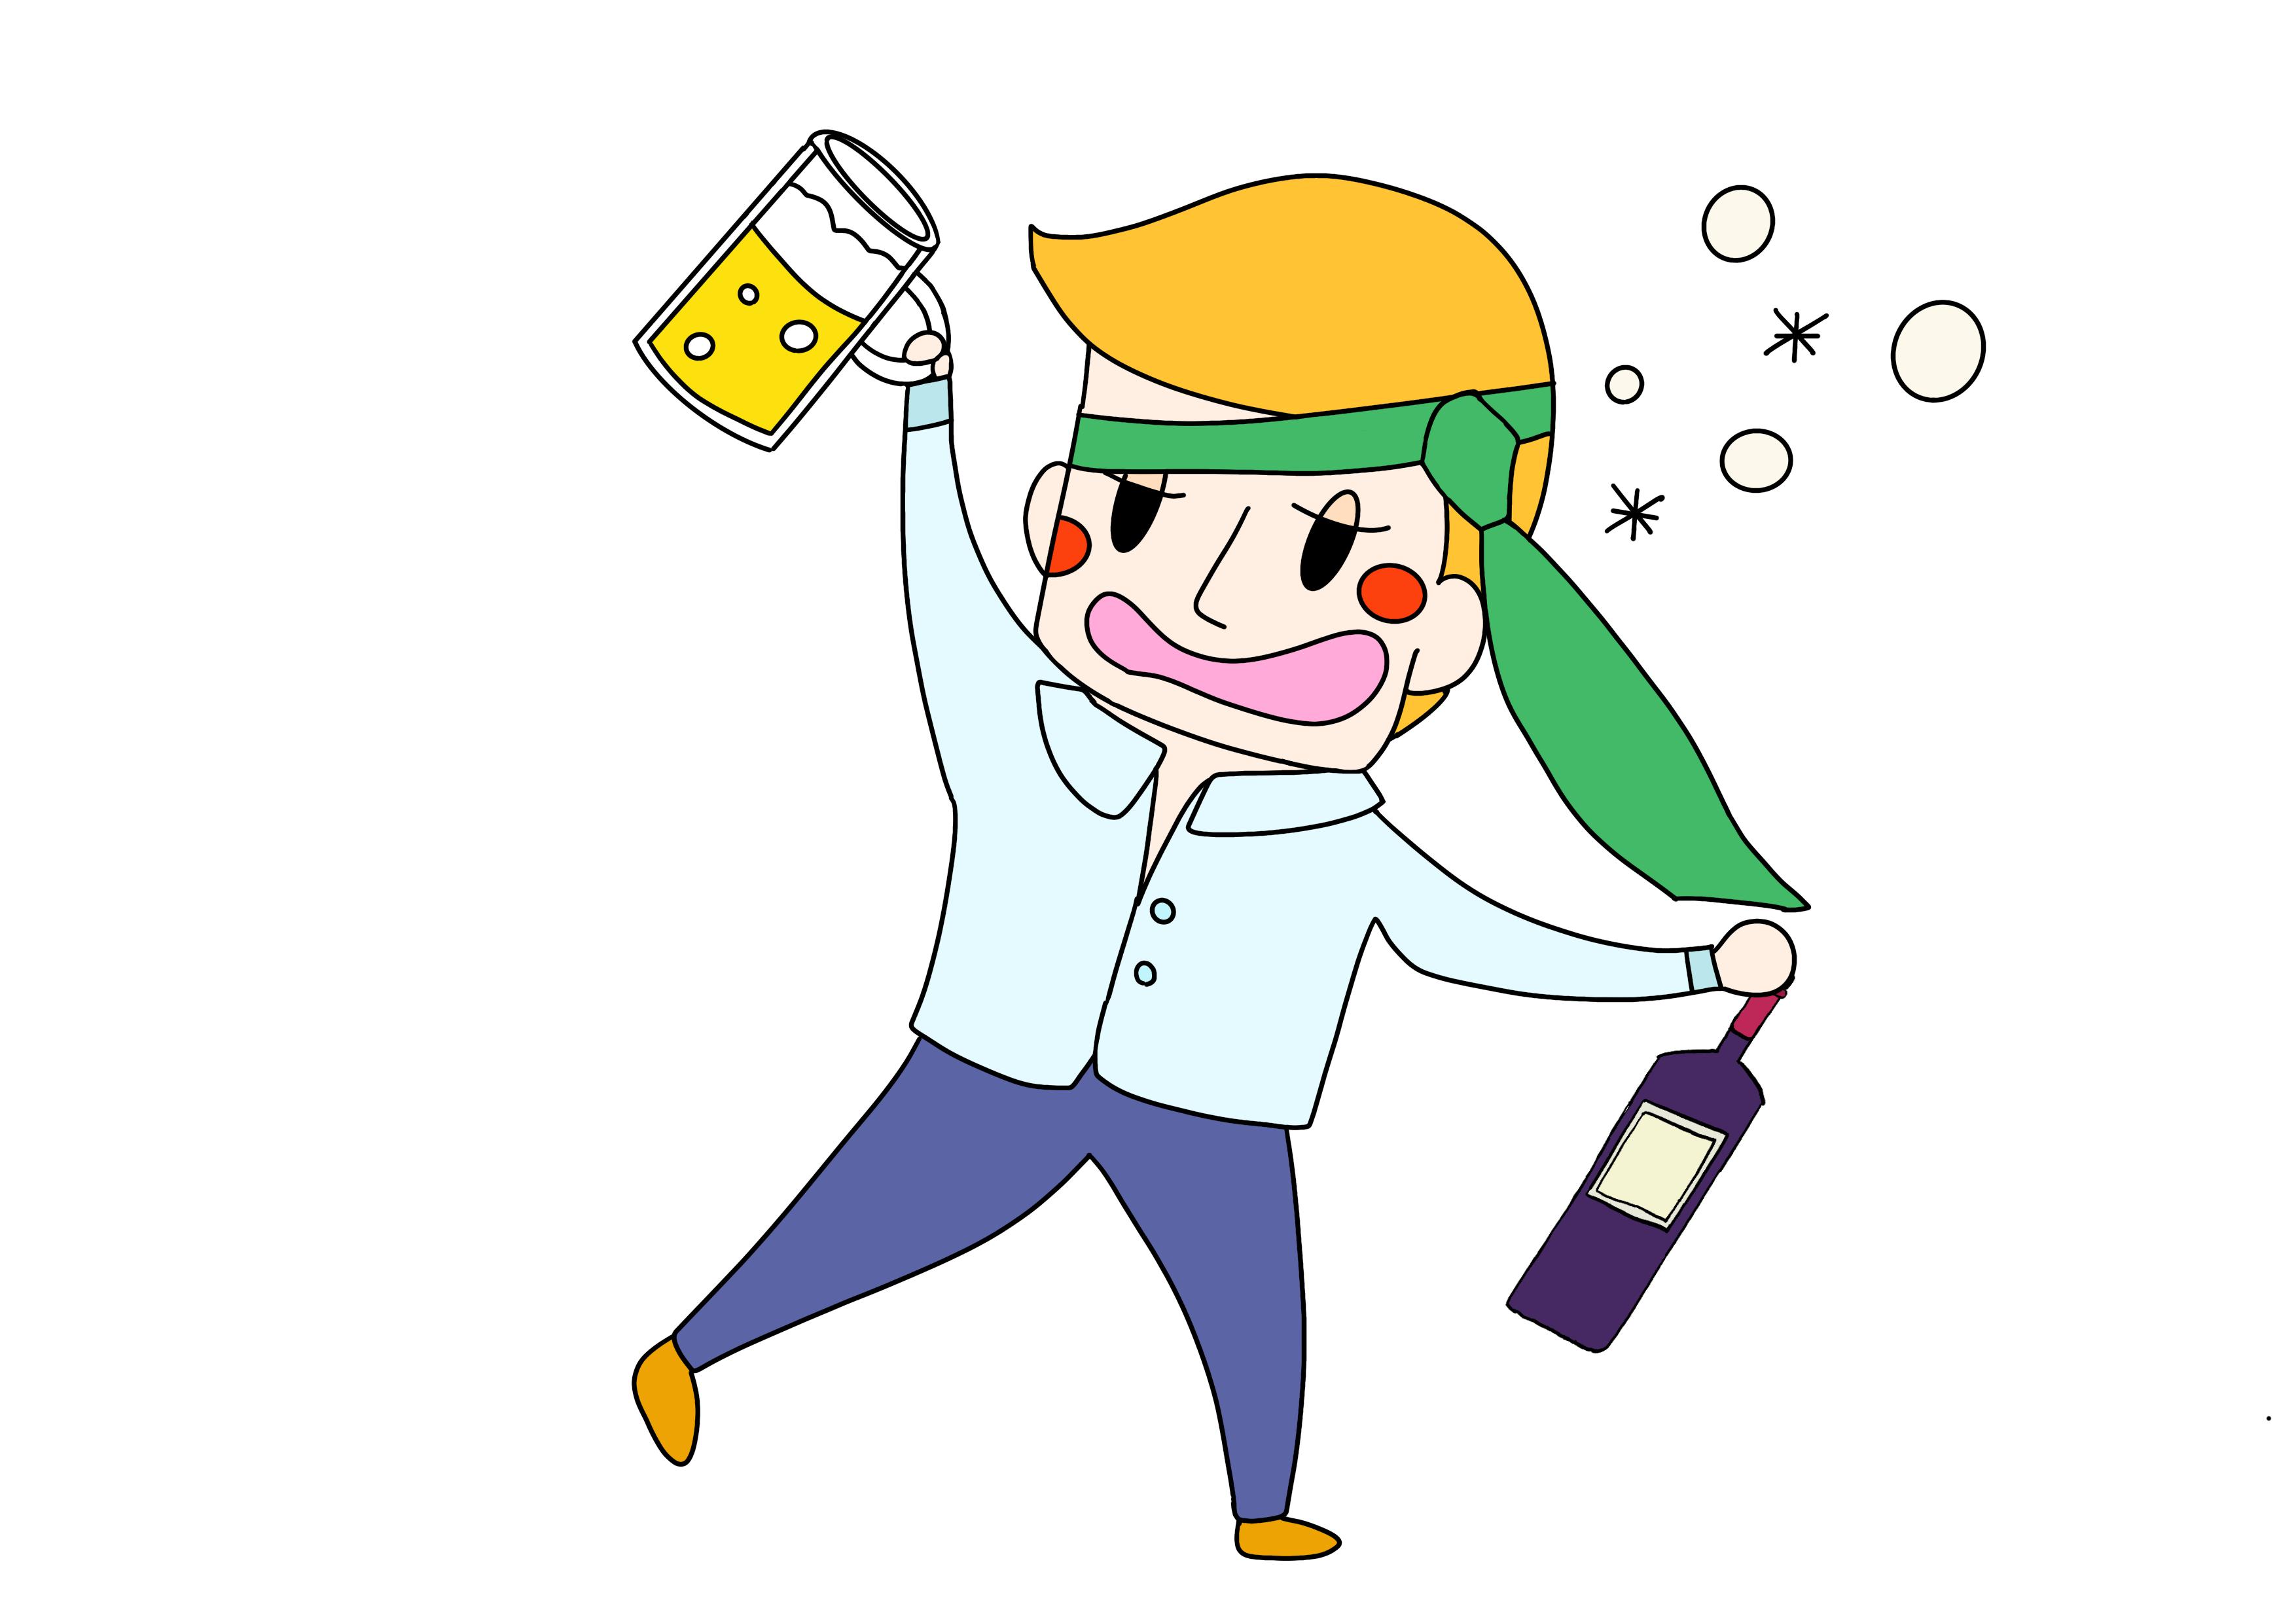 40課イラスト【酔う/酔っ払い】